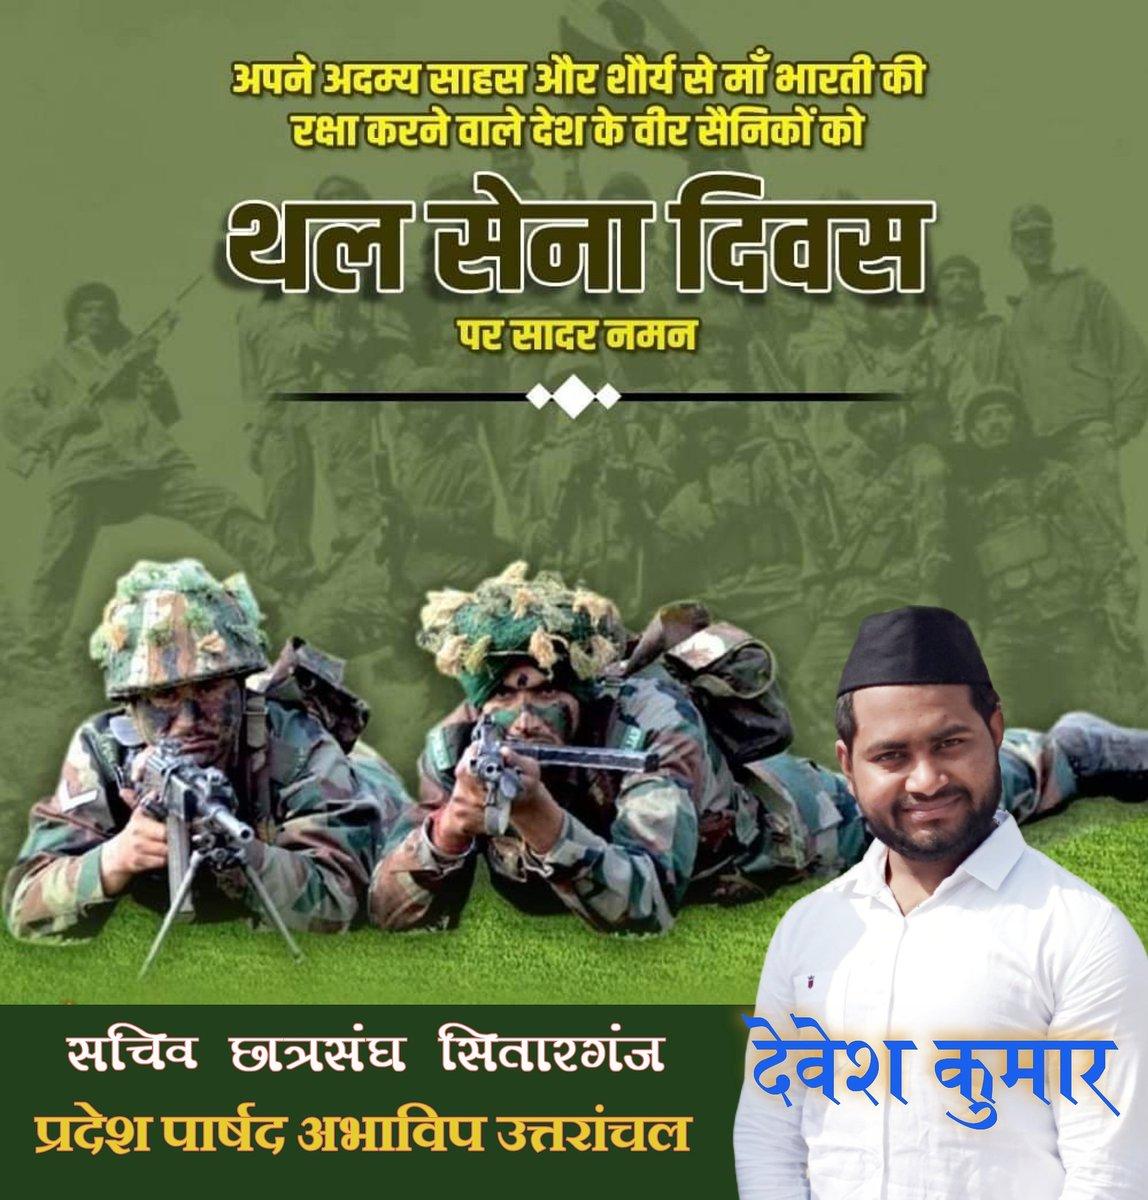 अपने अदम्य साहस और शौर्य से माँ भारती की रक्षा करने वाले देश के वीर सैनिकों को *थल सेना दिवस* पर सादर नमन🙏🏻🙏🏻  @PradeepSinghRSS @beingarun28 @ABVPVoice